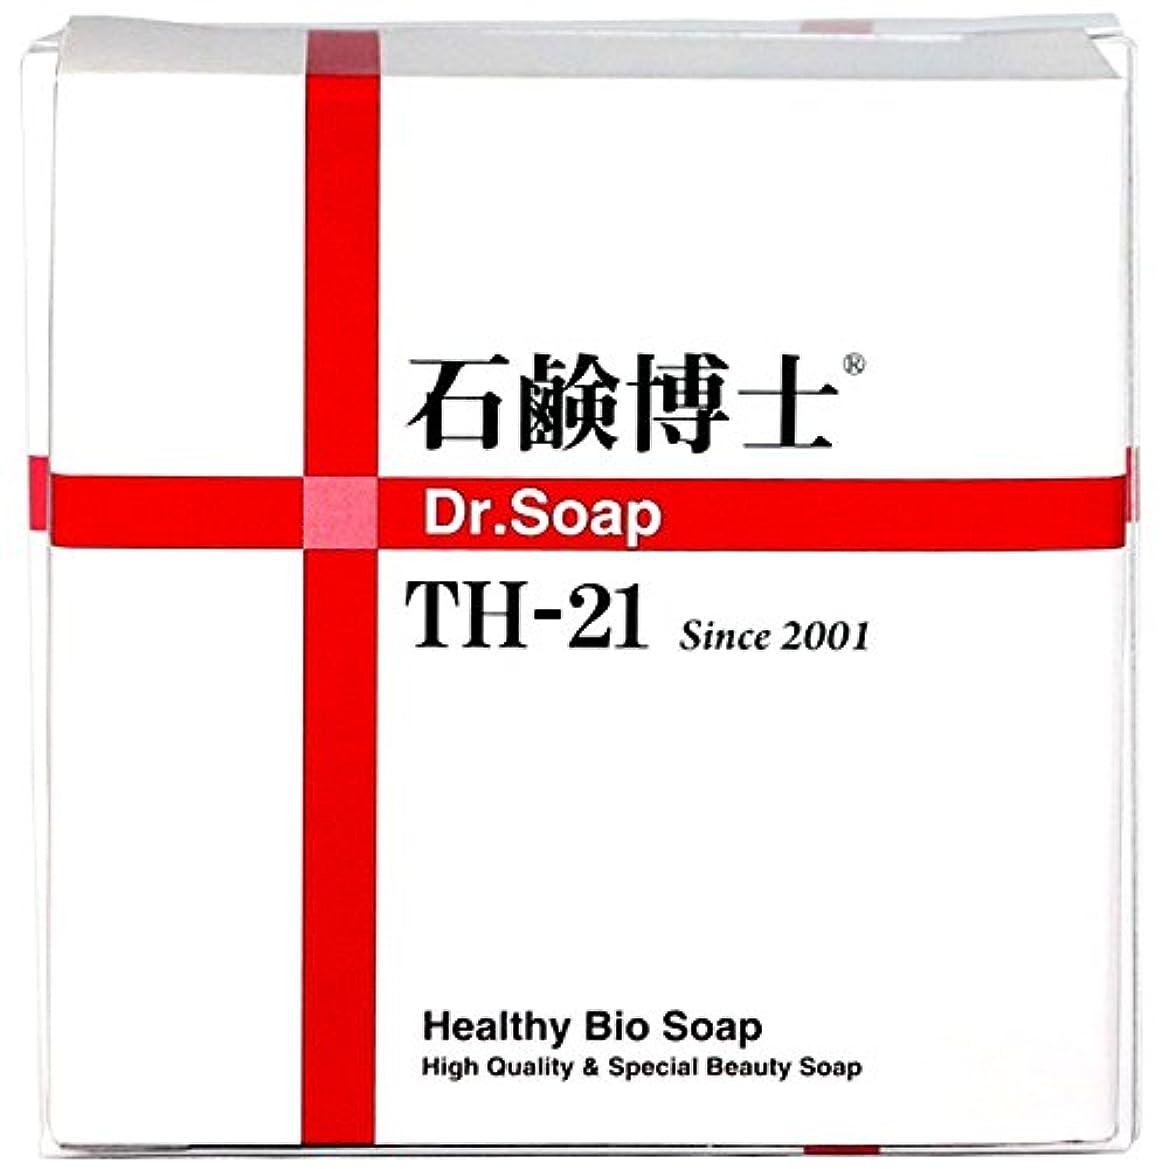 中葉禁止するミネラルと分解酵素で洗顔しながらスキンケア 石鹸博士 DRソープ石鹸 Dr.Soap TH-21 100g